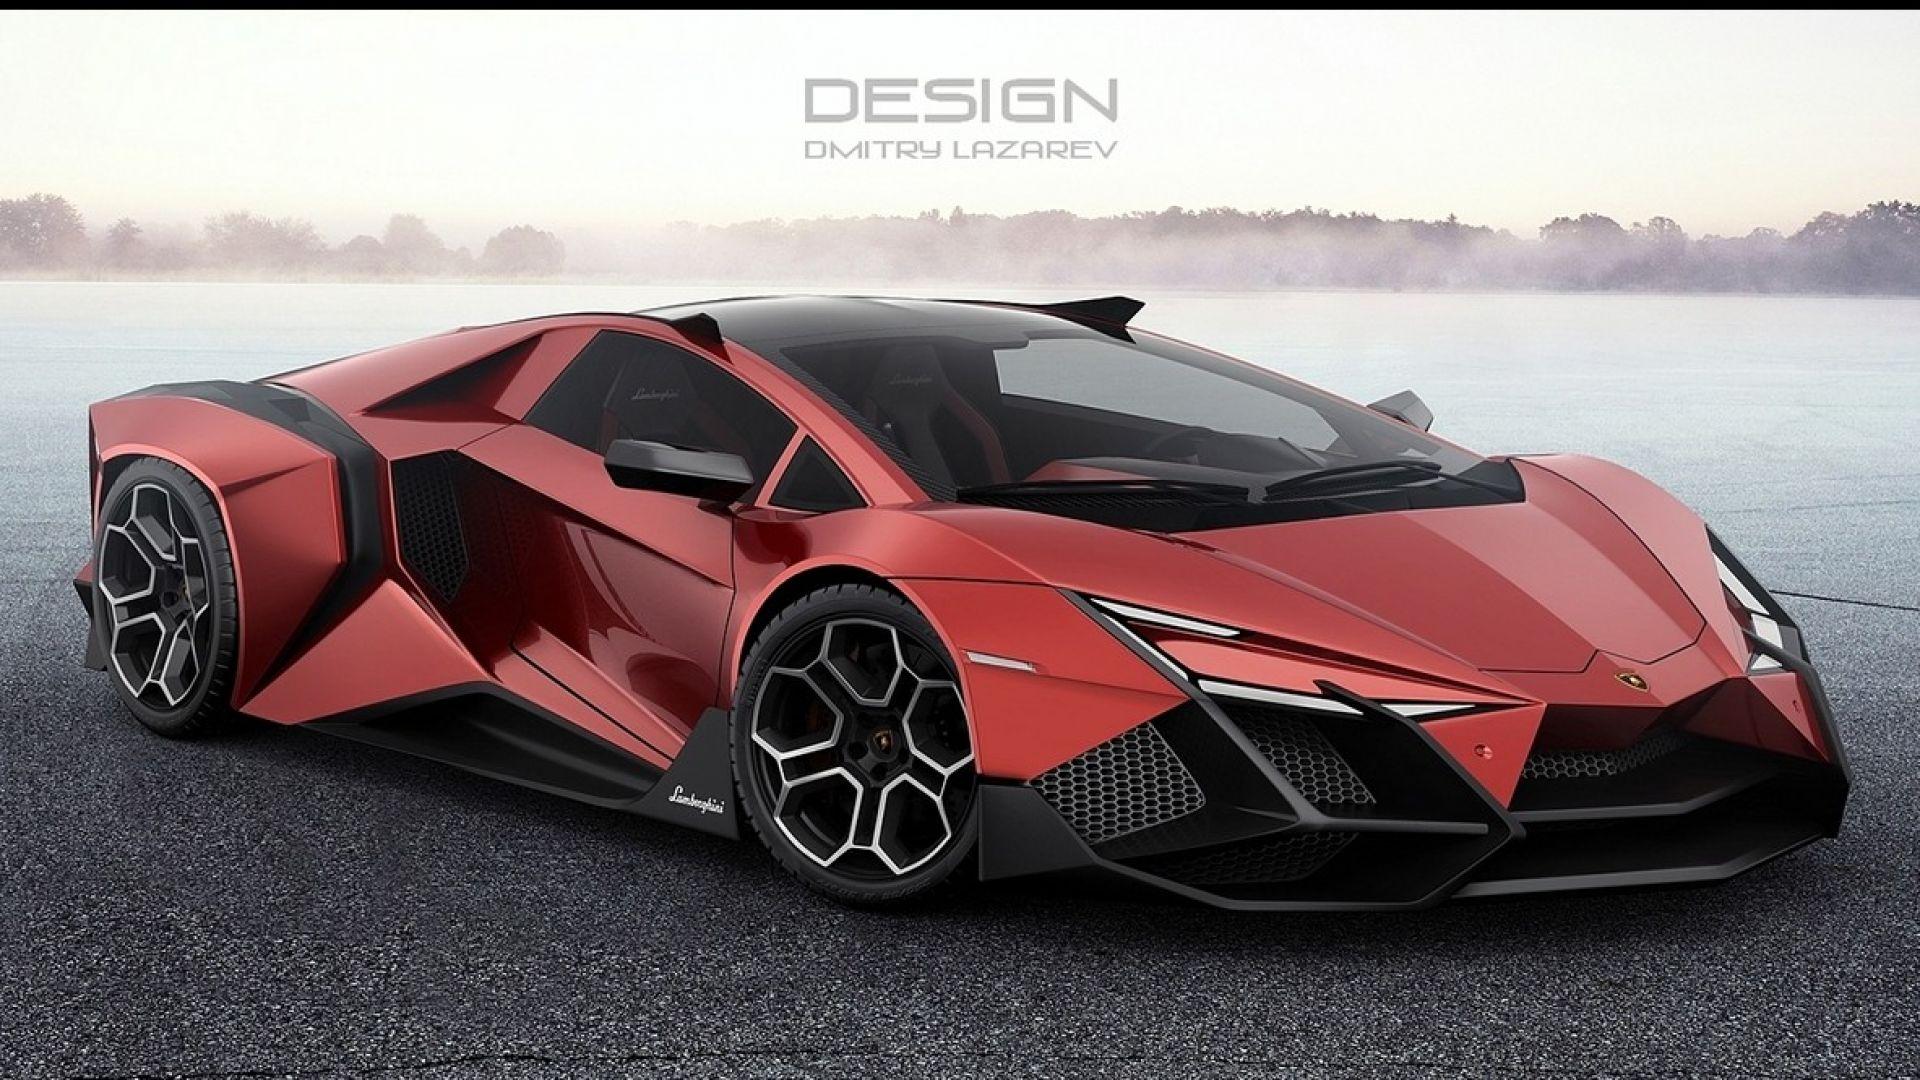 Lamborghini Forsennato Concept Foto E Video Di Un Designer Russo Motorbox